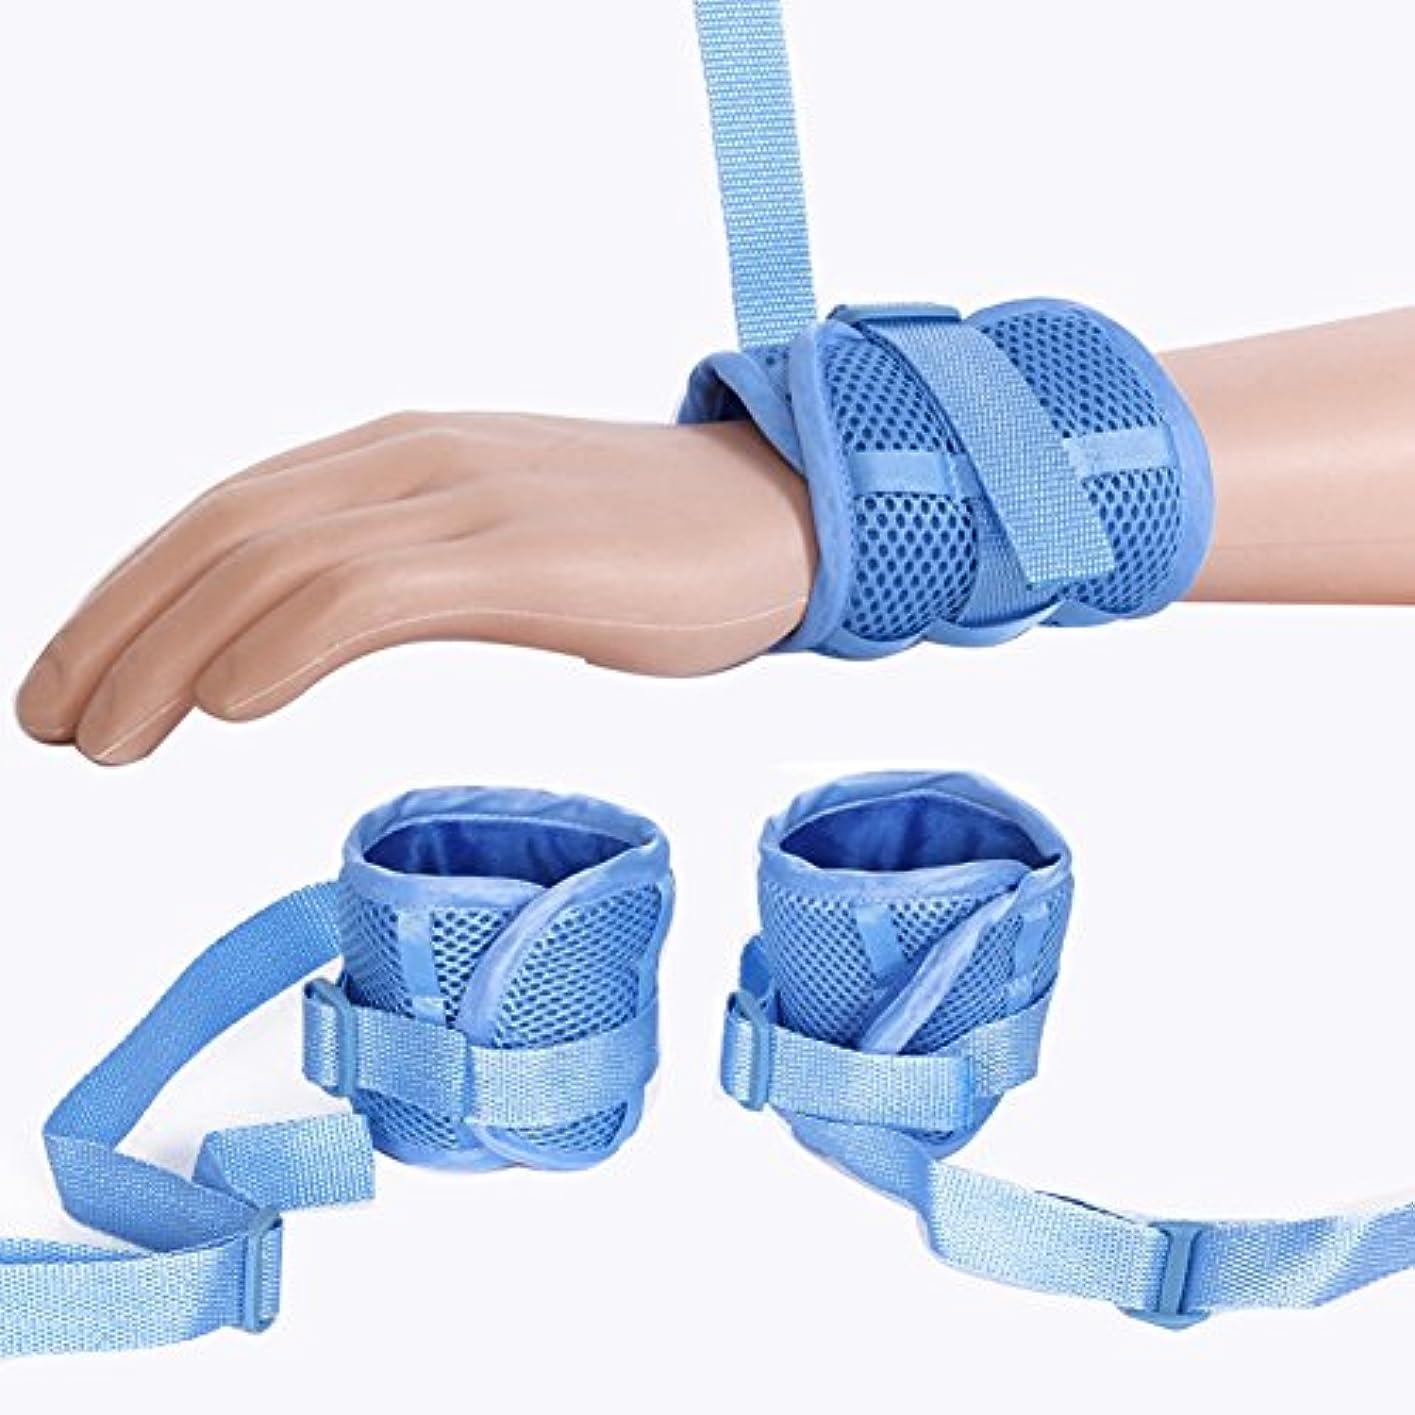 アミューズ影響する小説家コントロール・マット医療用拘束具患者の手の感染用具防護用具ユニバーサル・コントロール防御用固定手袋 - 青色1組